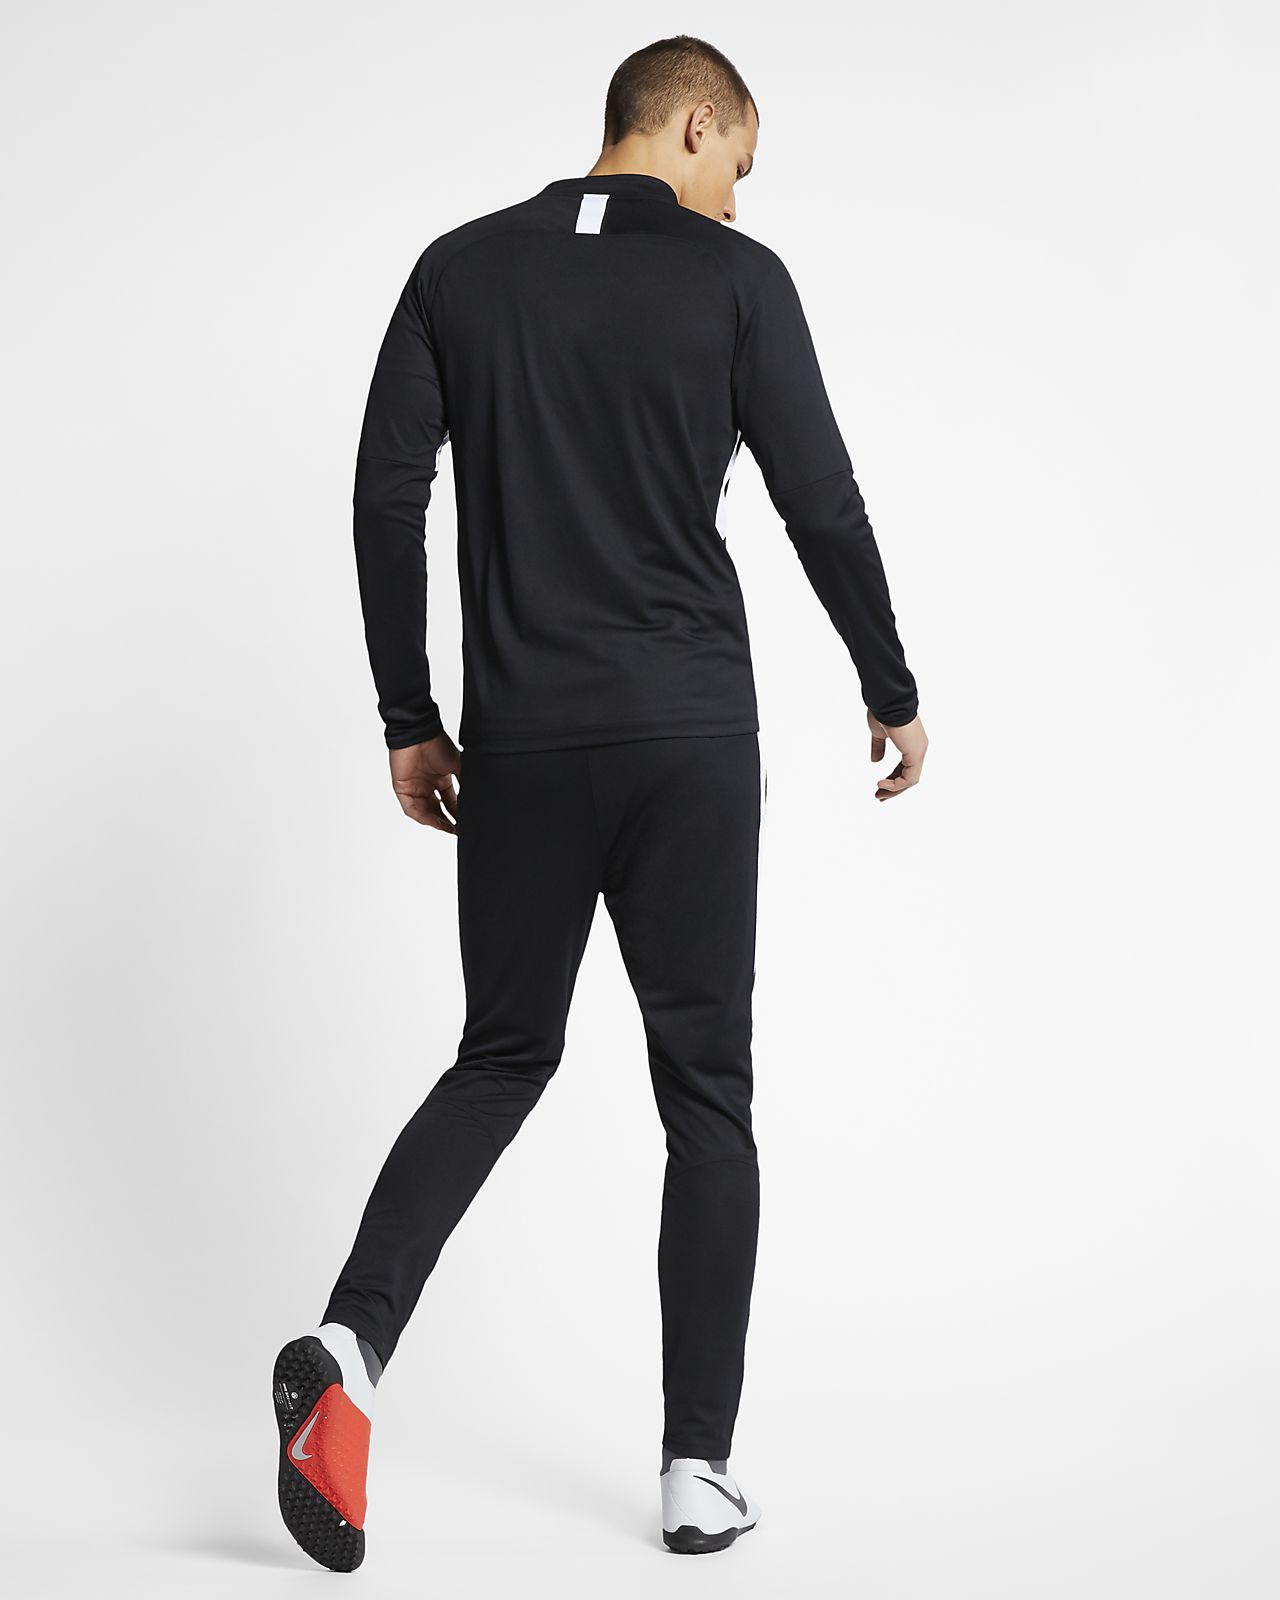 Tuta da calcio Nike Dri FIT Academy Uomo